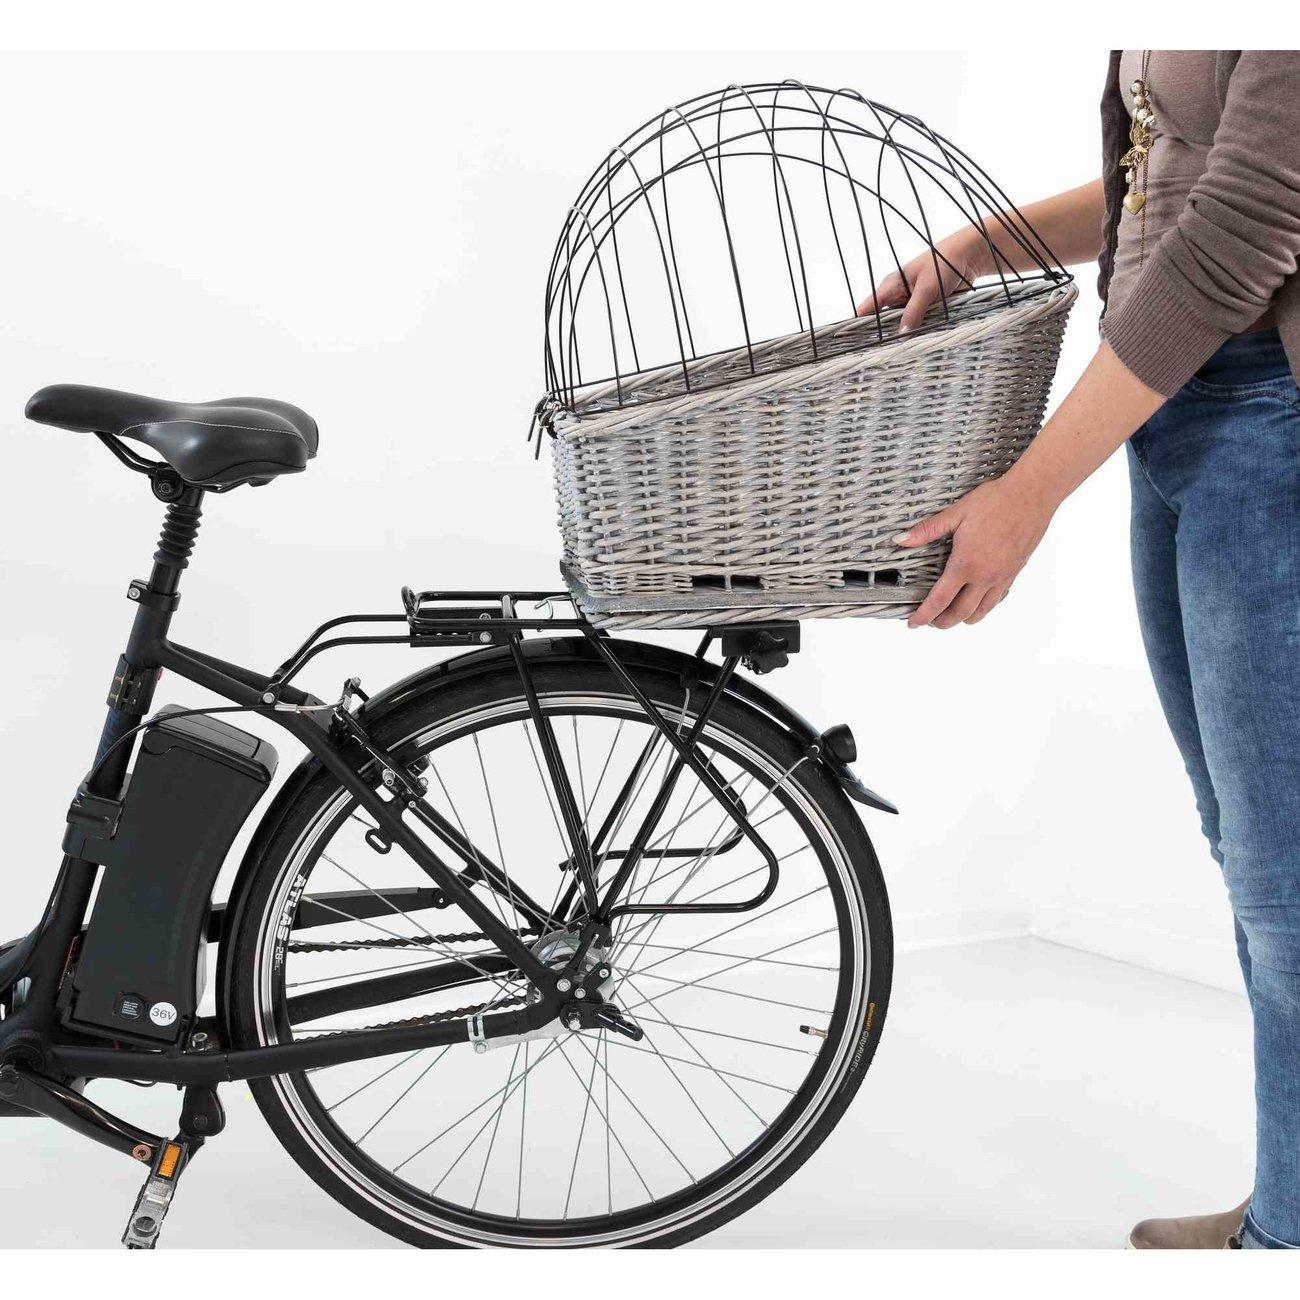 TRIXIE Fahrradkorb für Gepäckträger 13114, Bild 39